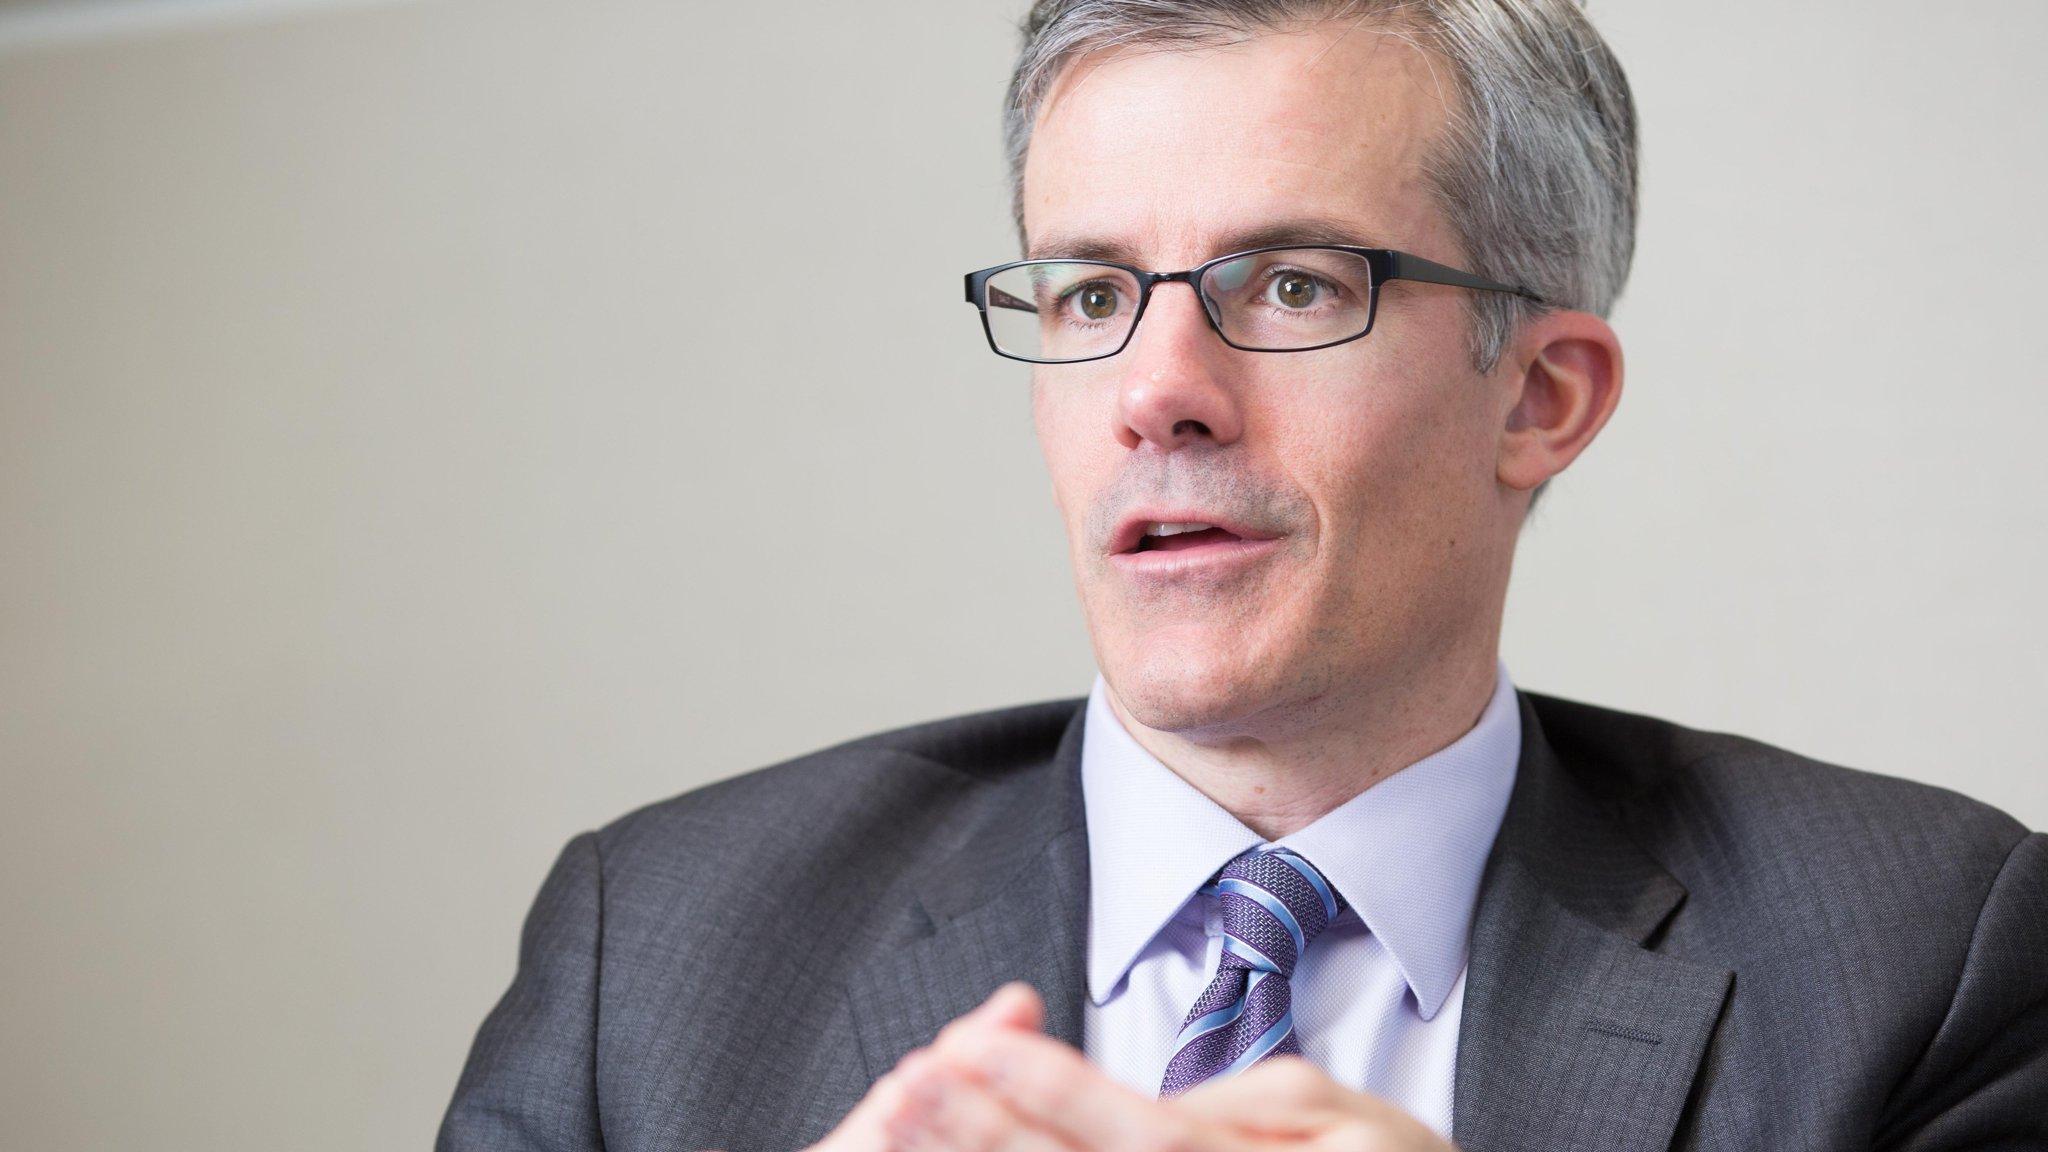 Vanguard warns of strengthening 'predators' in ETF market